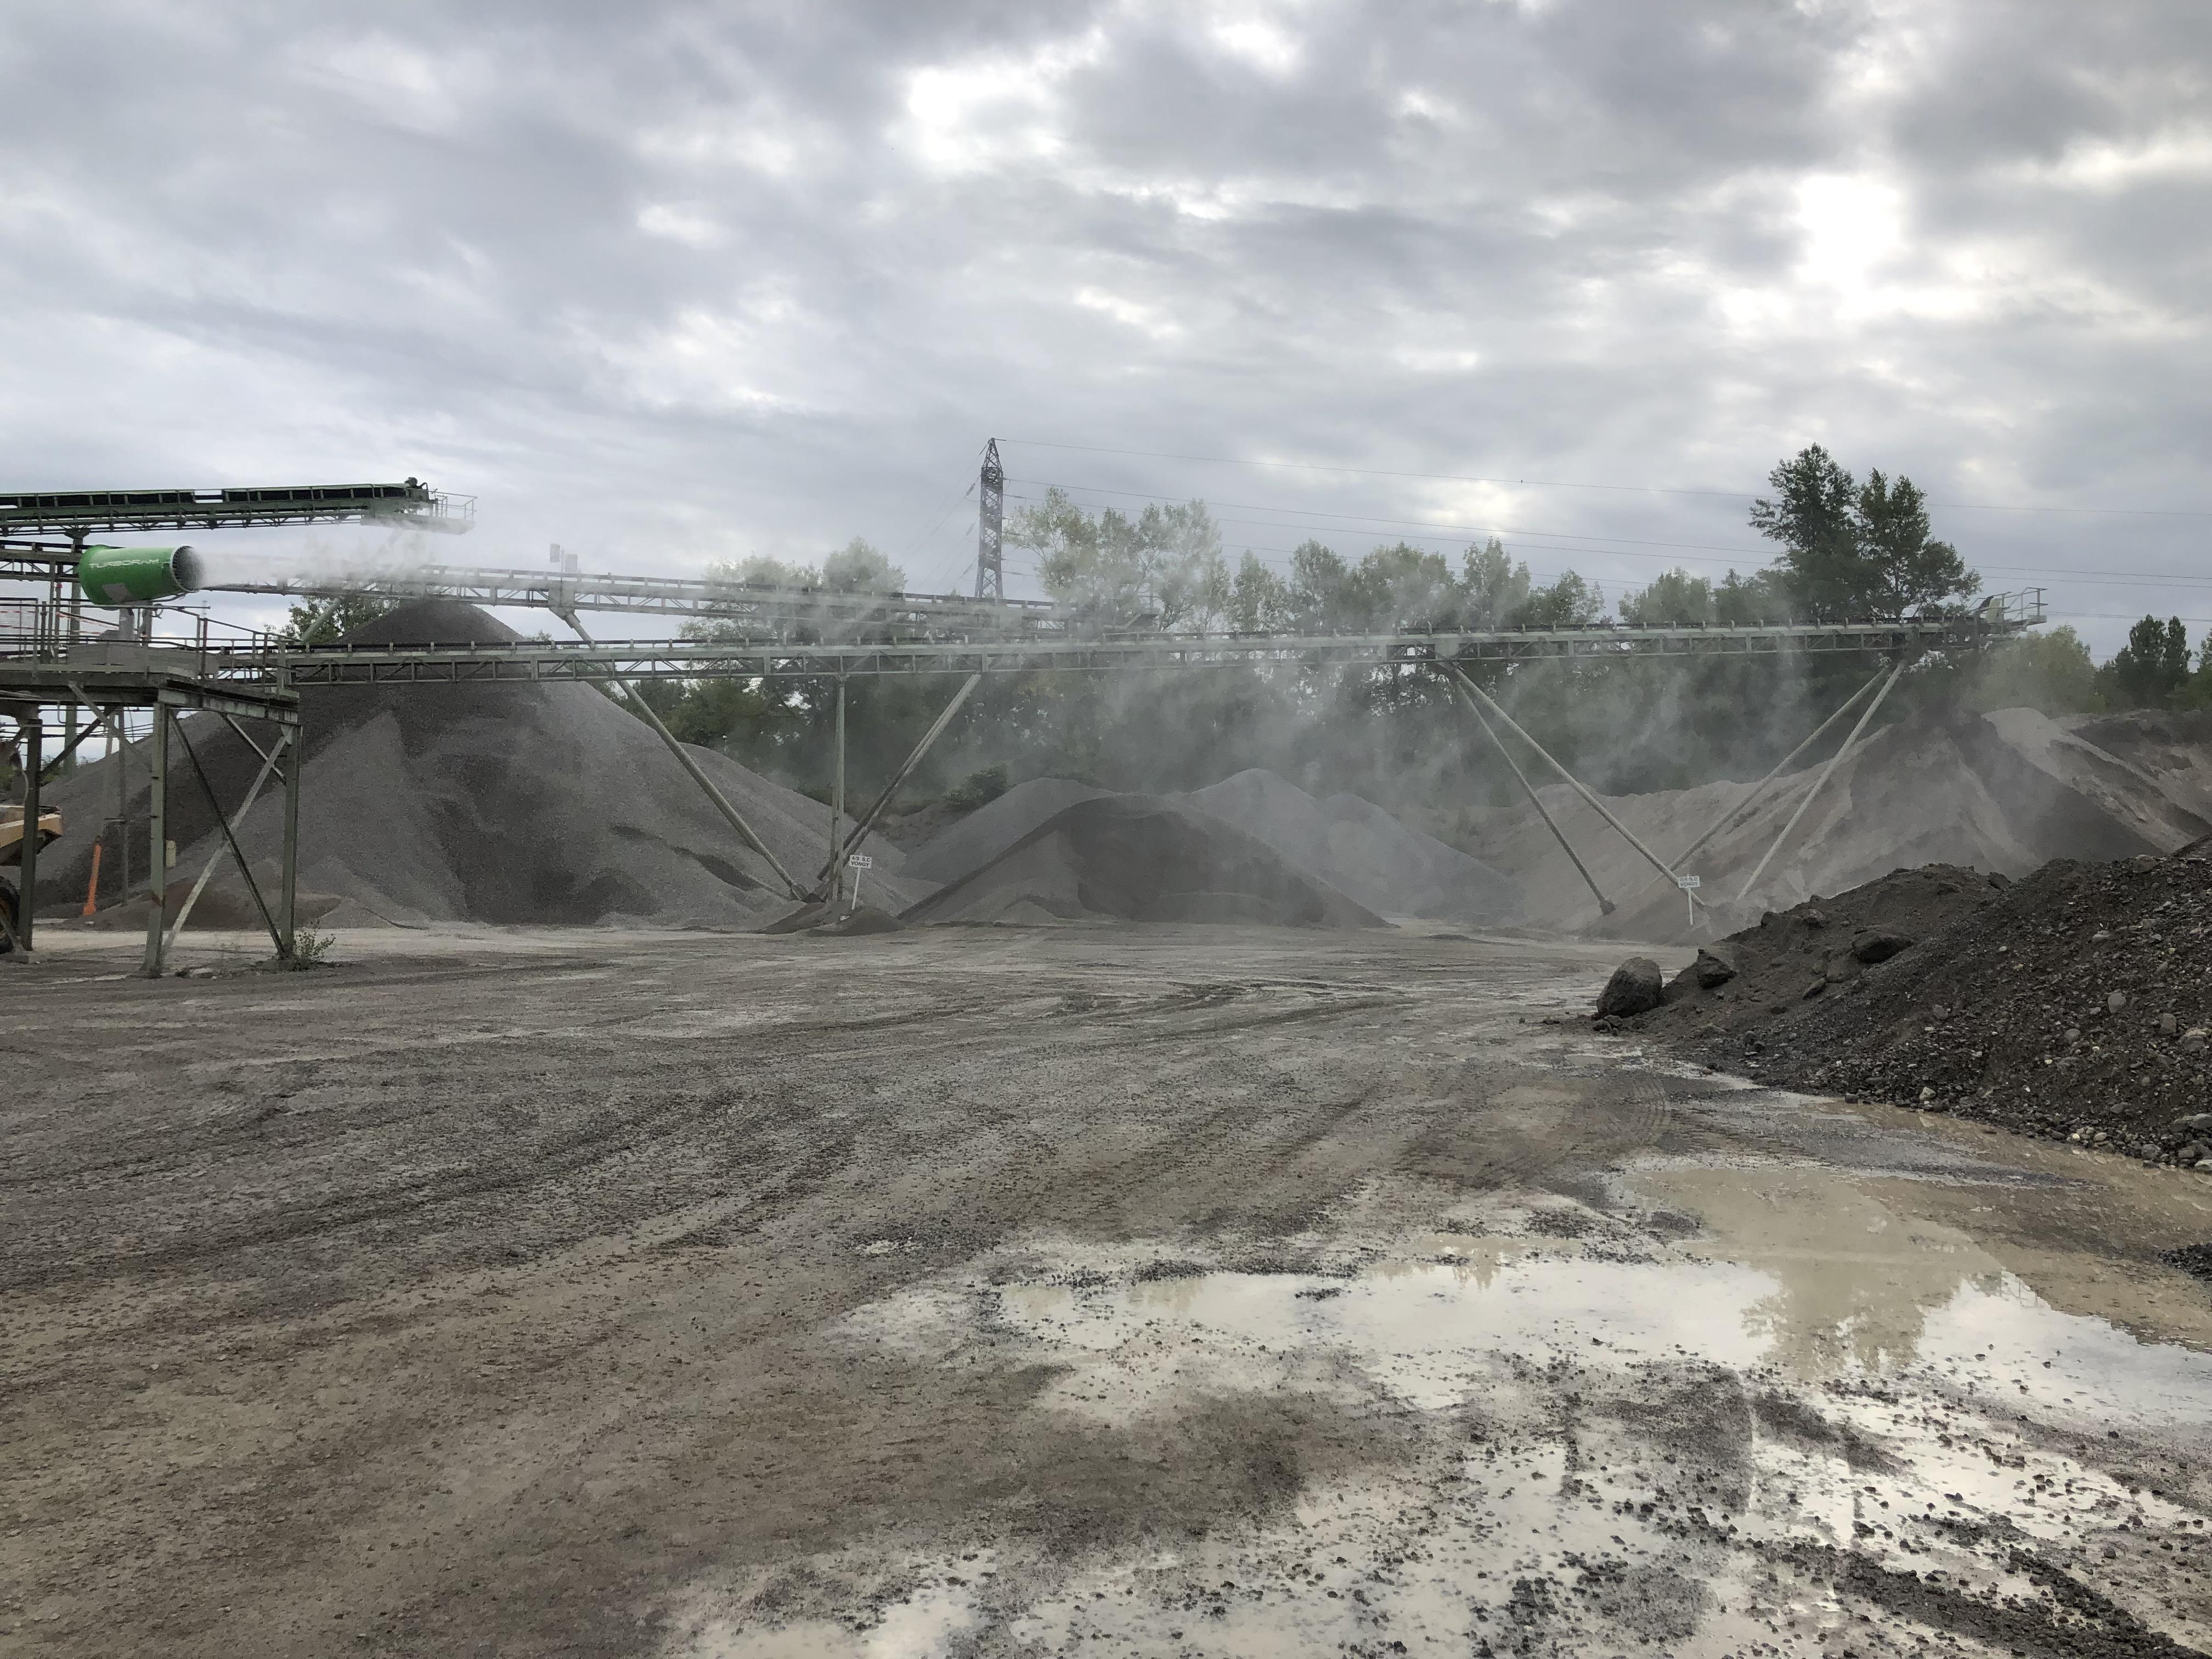 Le TURBORAM TRD60 est un brumisateur de grande puissance principalement destiné aux travaux de démolition de grande hauteur, au BTP, aux mines & carrières, aux manutentions portuaires et aux activités de recyclage. Fixe